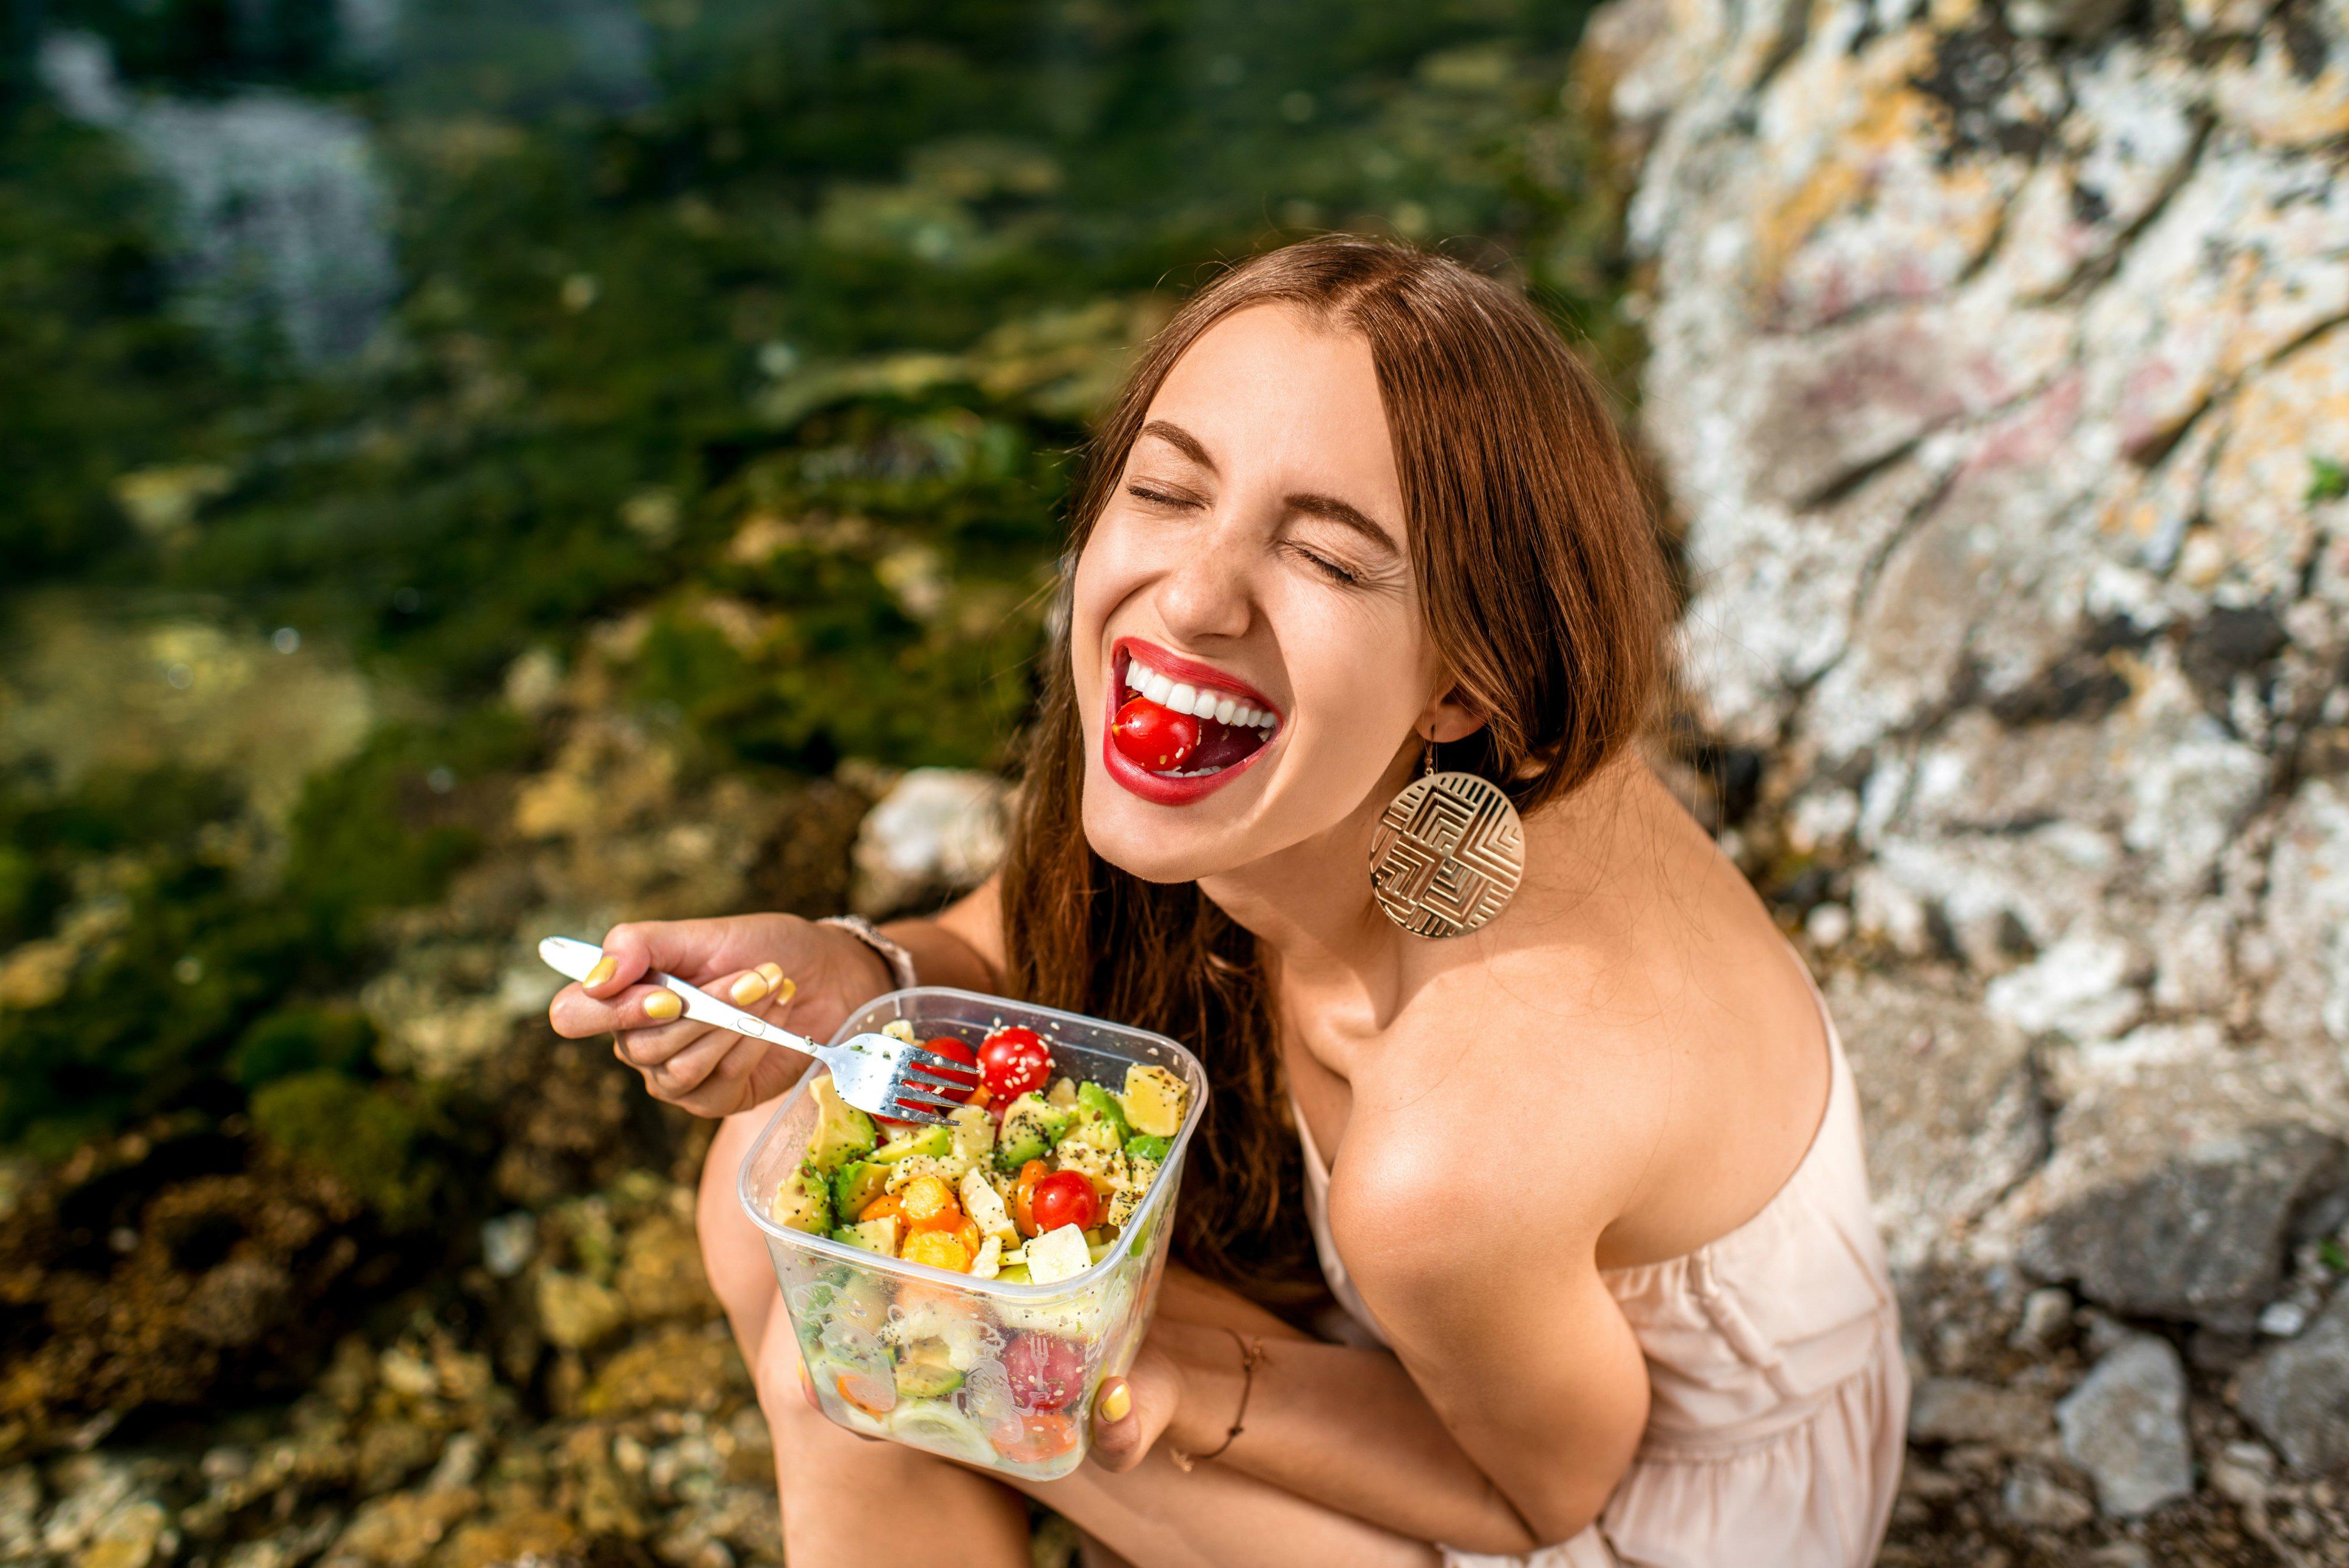 Svět zdraví: Prázdniny a dovolené jsou na spadnutí. Jíst zdravě se vám vyplatí i v létě